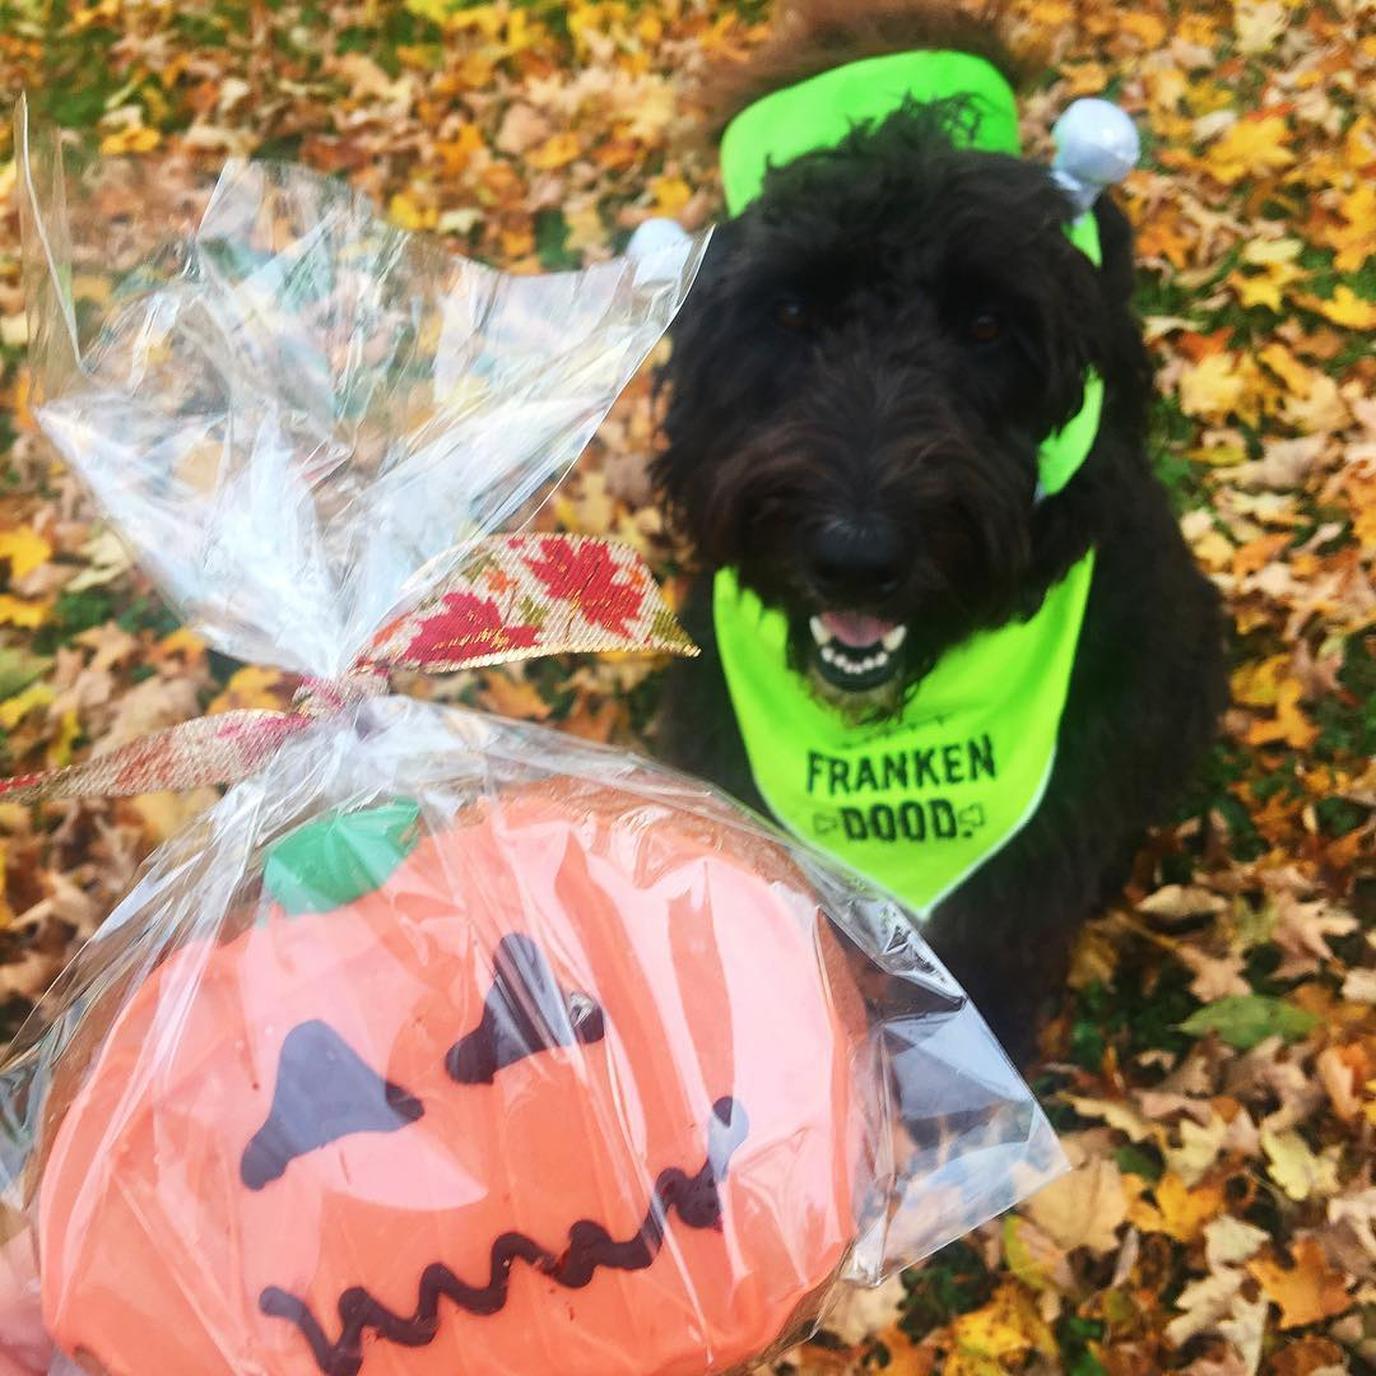 River Dog Bakery creates seasonal special baked treats for dogs.